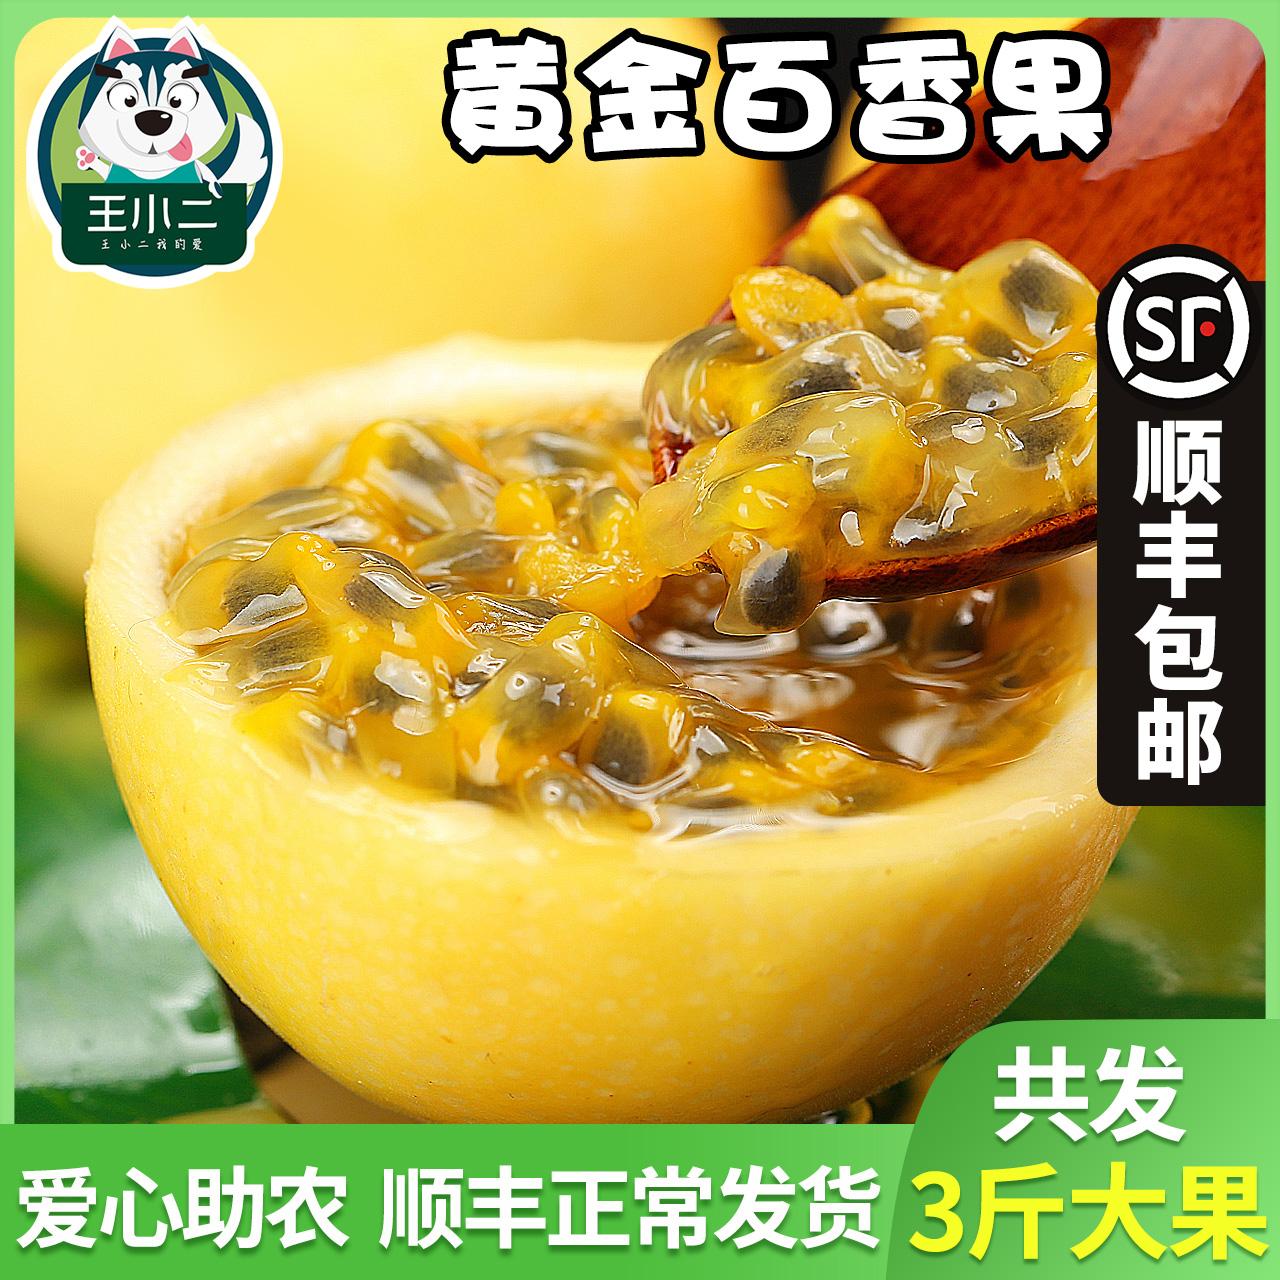 【顺丰包邮】黄金百香果当季水果新鲜整箱鸡蛋果白香果批发5斤